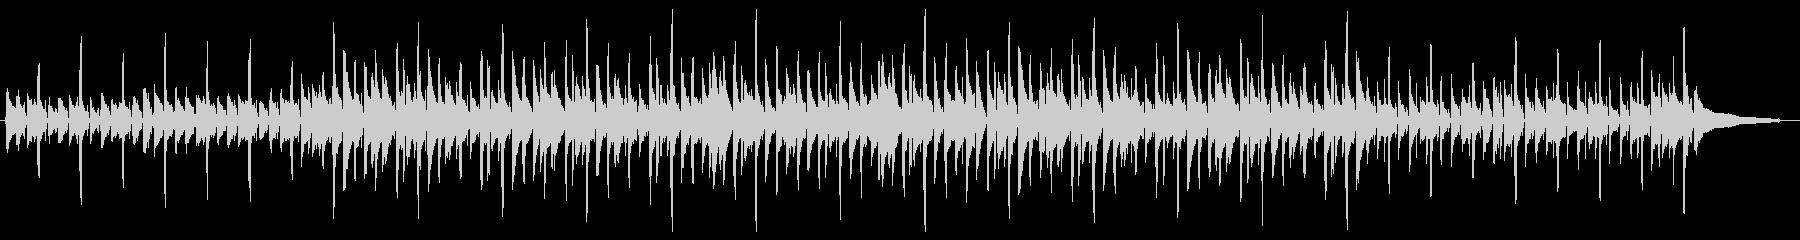 流行のコーポレート系サウンドシリーズ♪の未再生の波形